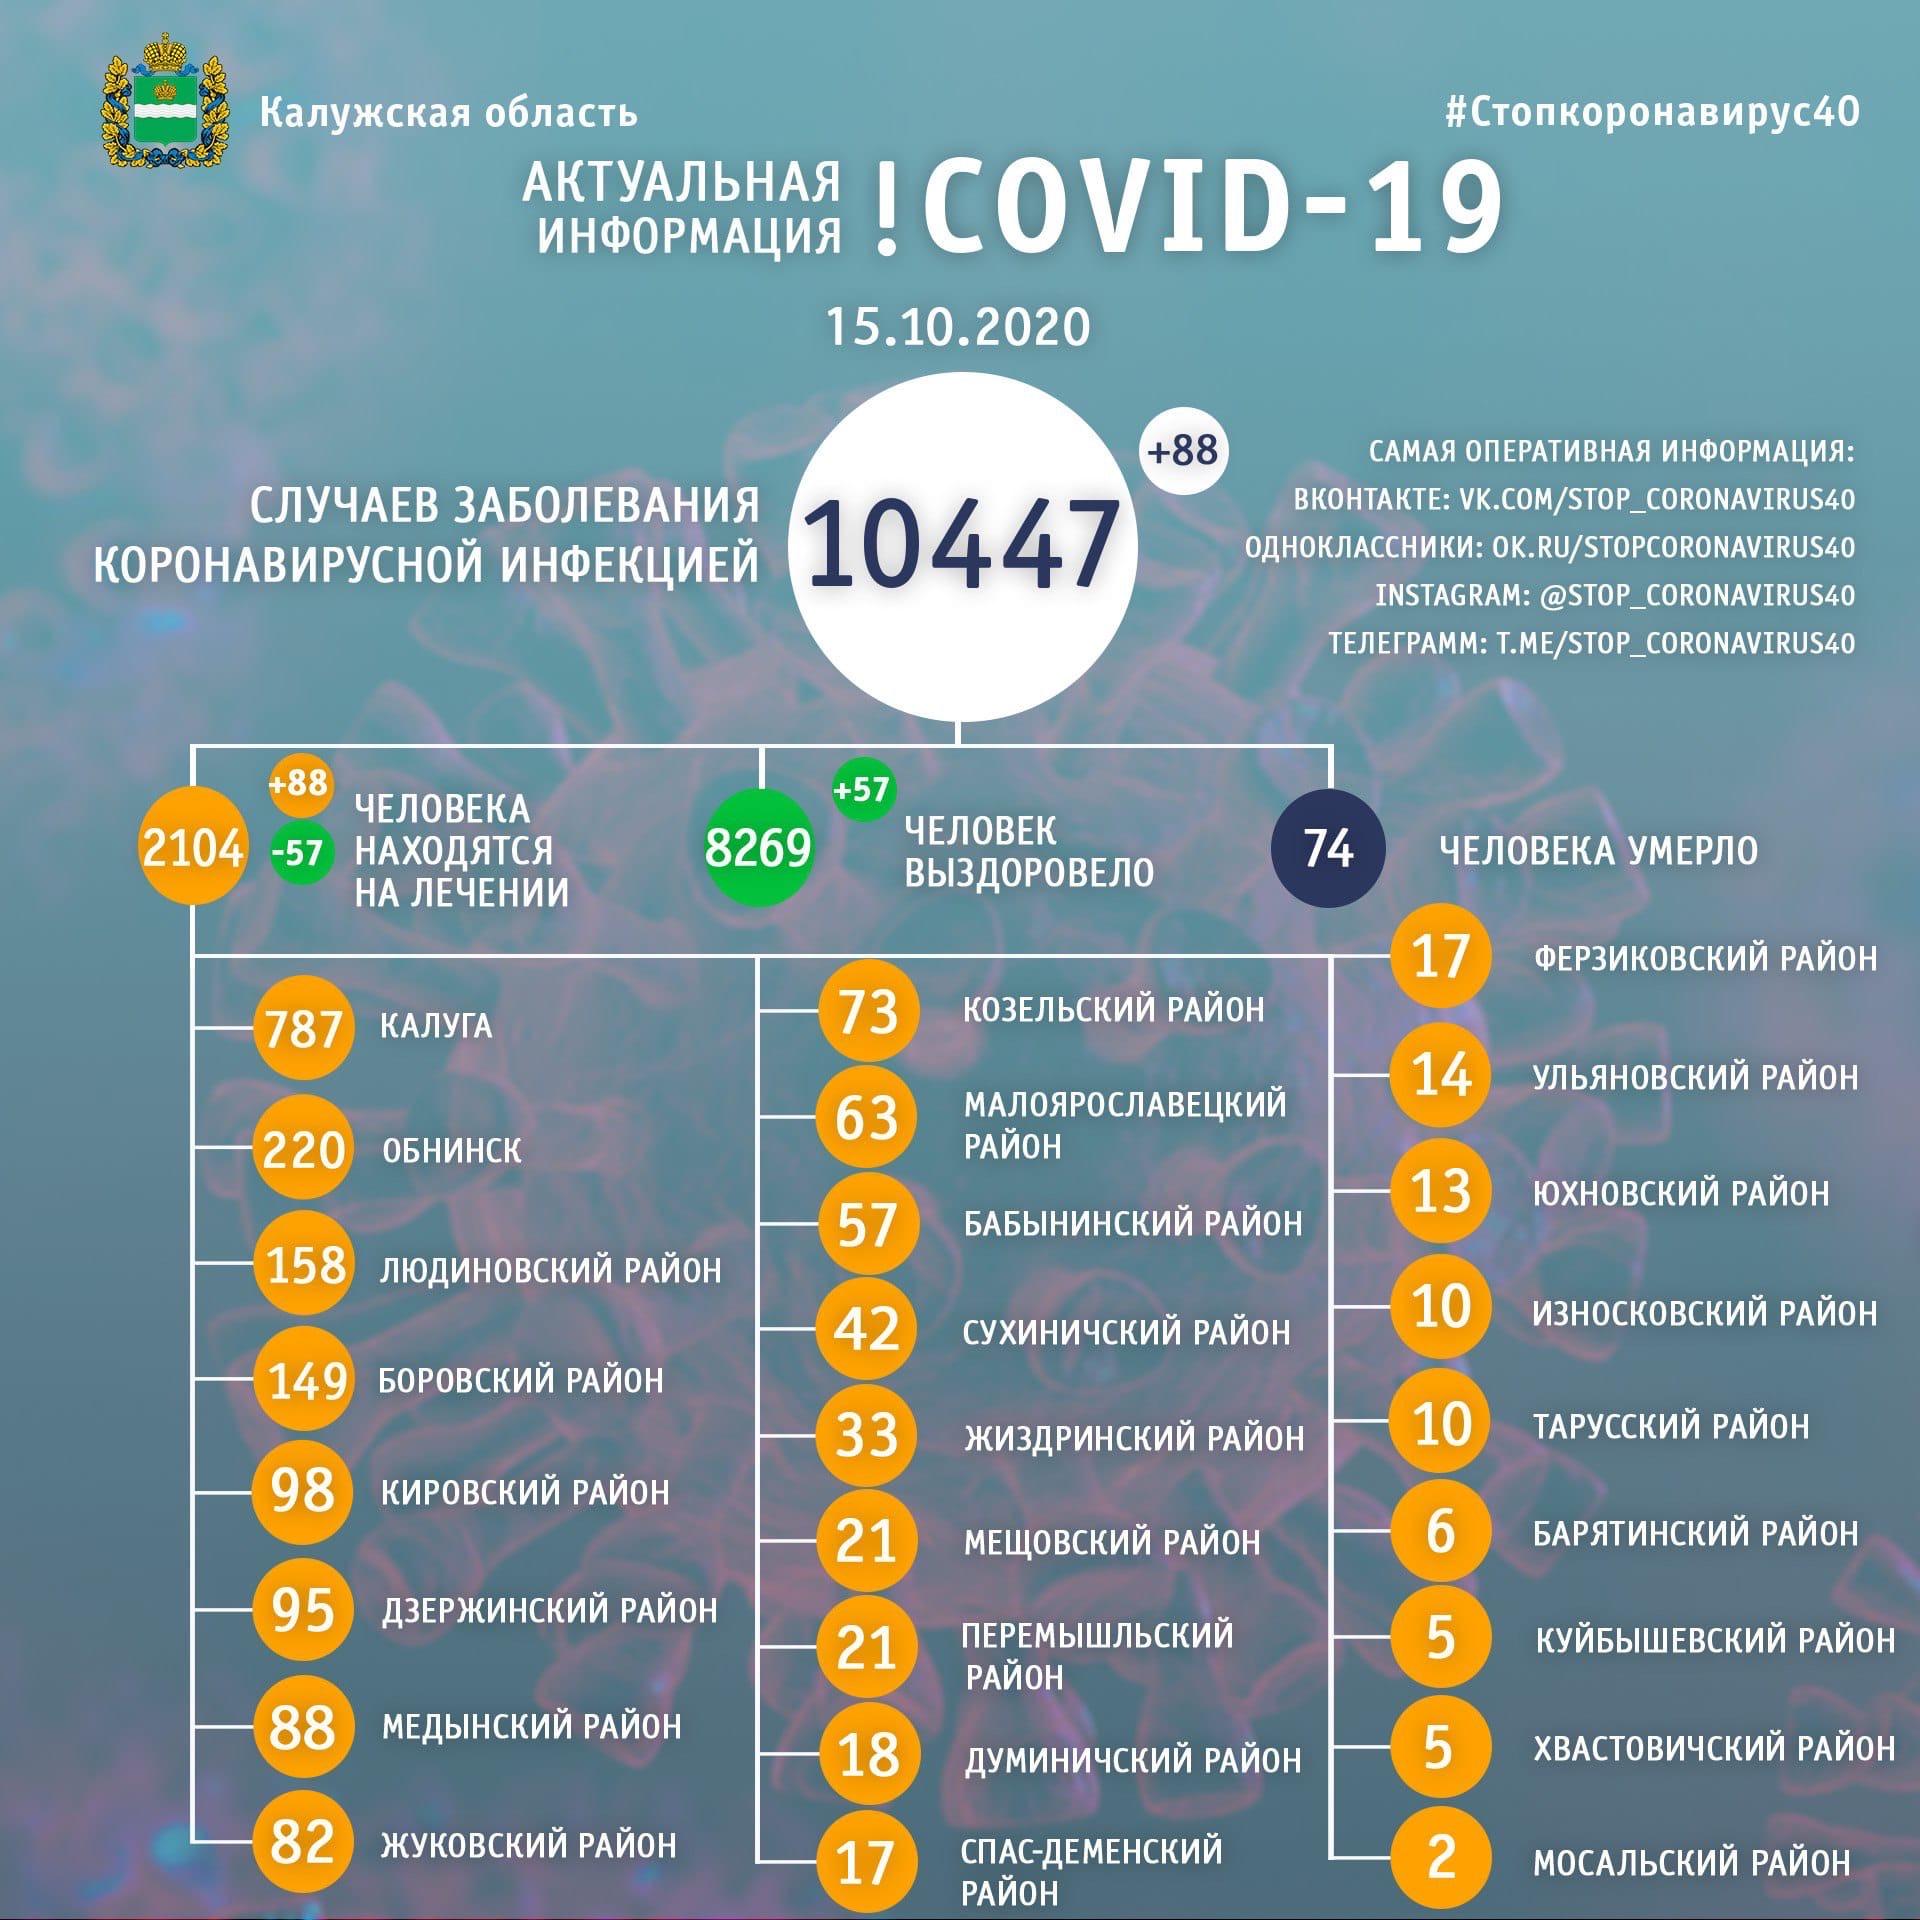 Официальная статистика по коронавирусу в Калужской области на 15 октября 2020 года.